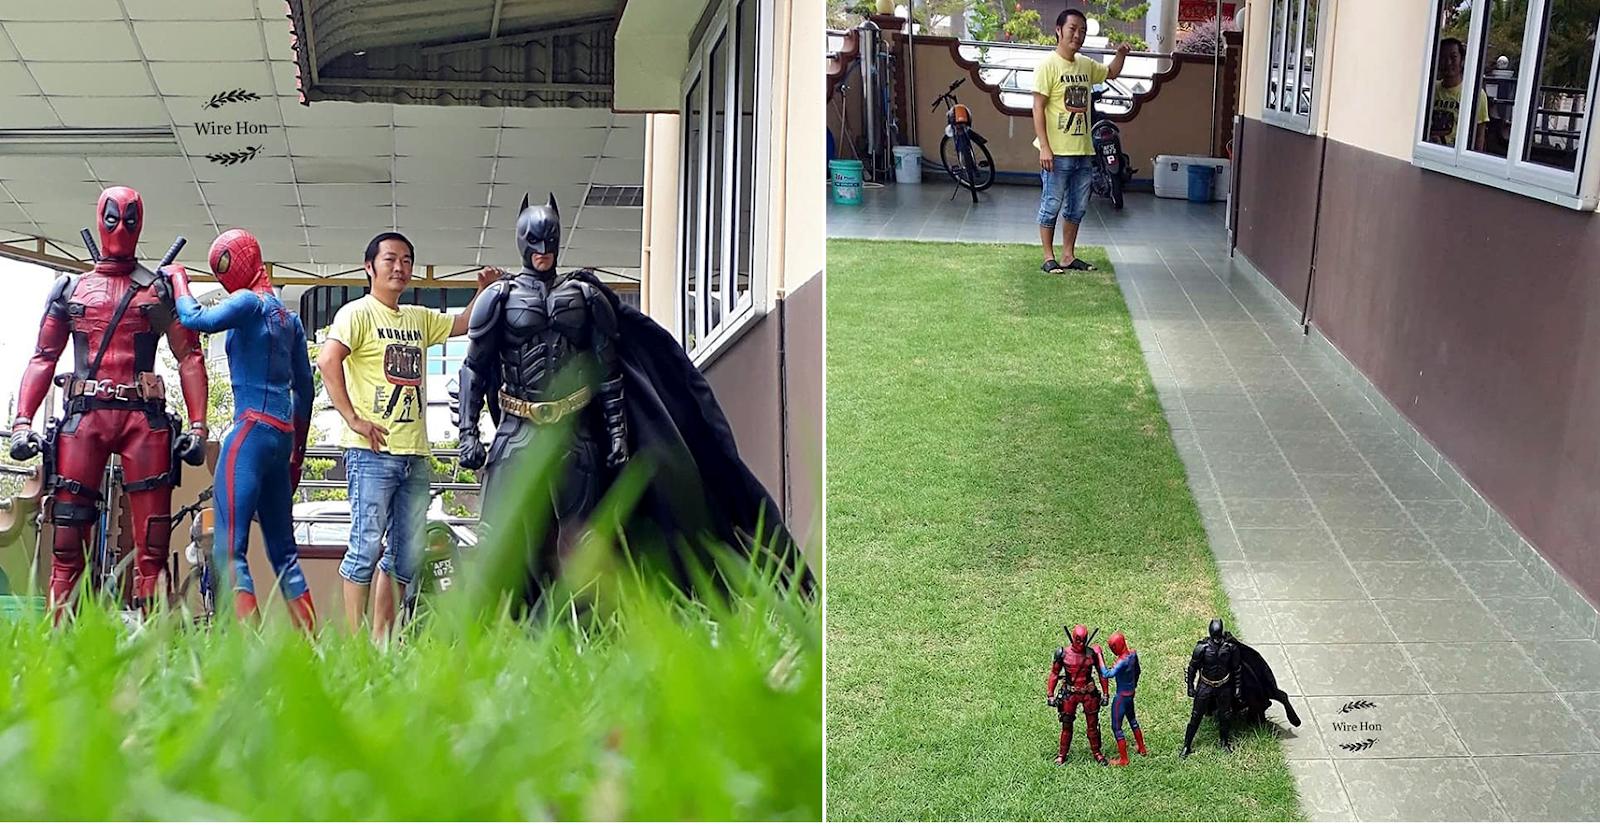 KEREN! Berbekal Smartphone, Pria Asal Malaysia Ini Hasilkan foto Kreatif dengan Superhero